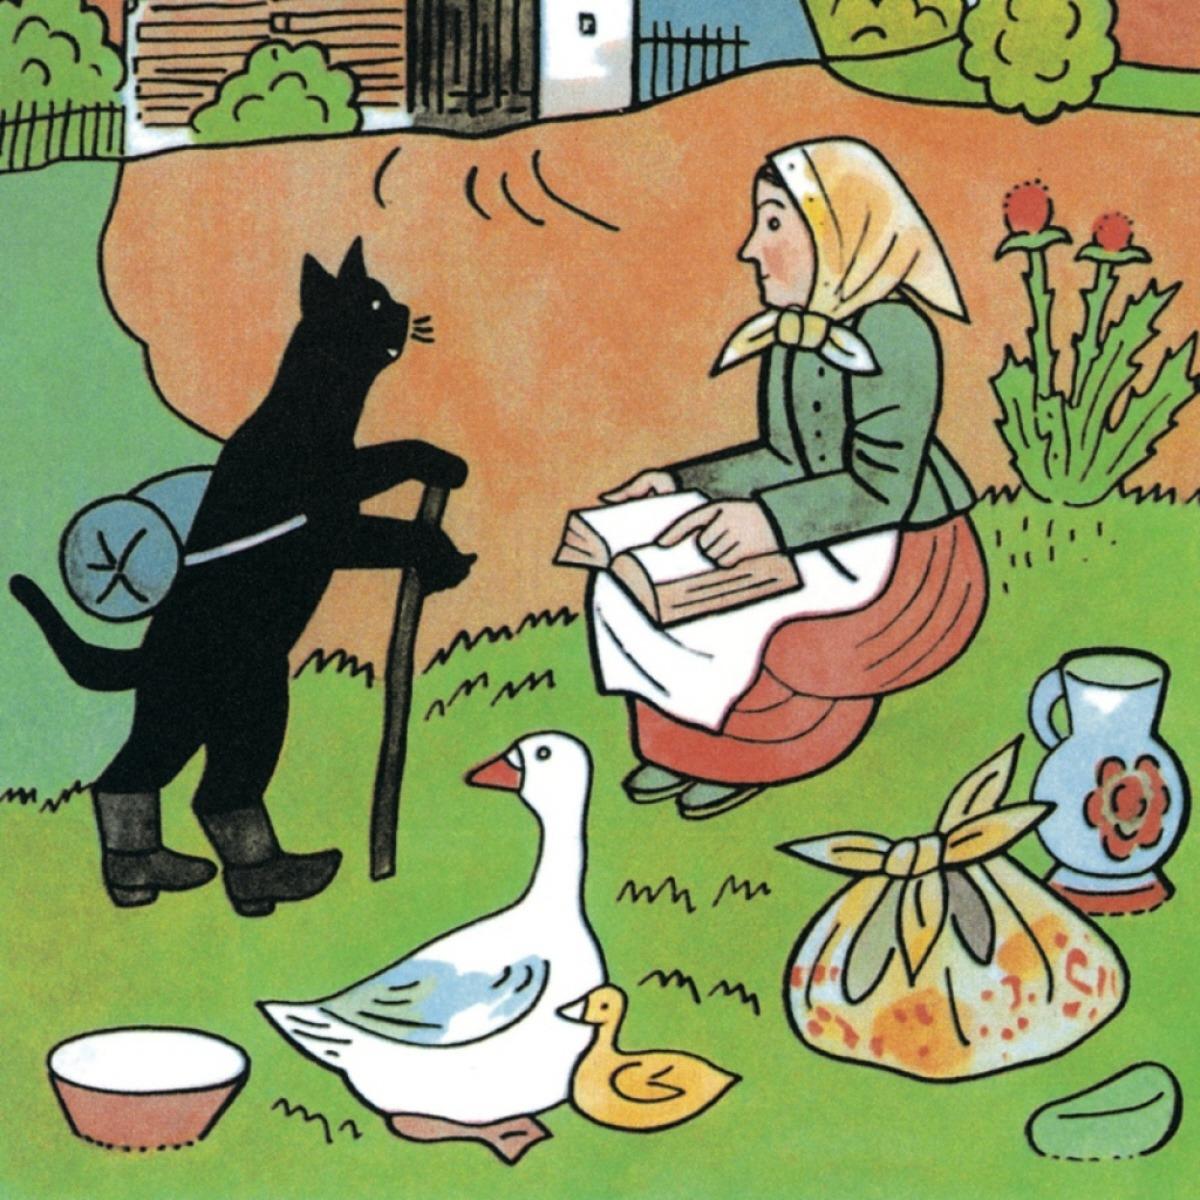 горячая девочка чешская народная сказкао коте в ботинках микеше киски лощеные тела